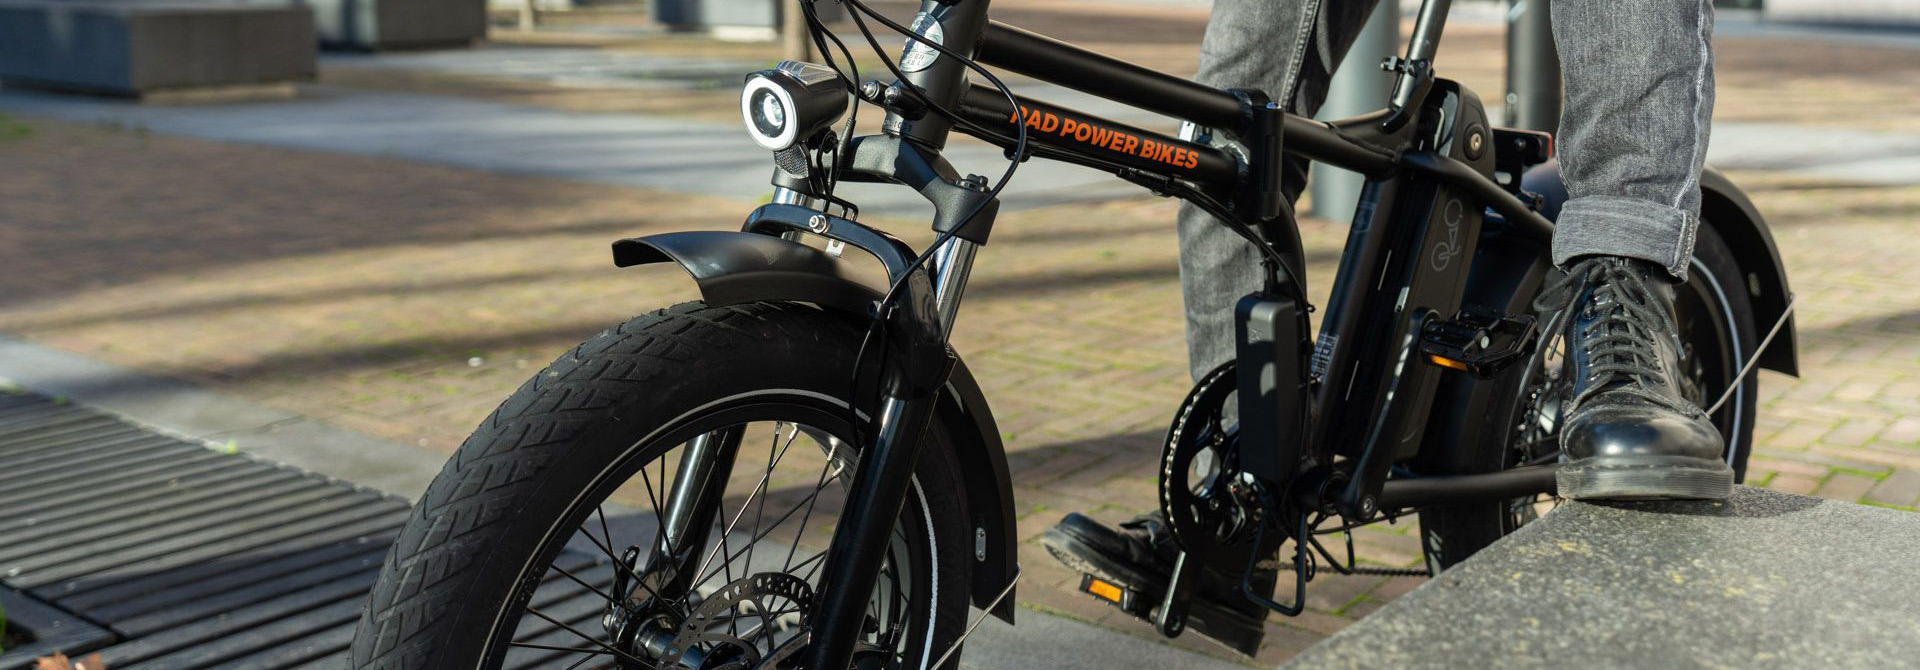 Go eBike Hire bike model Rad Mini Foldable